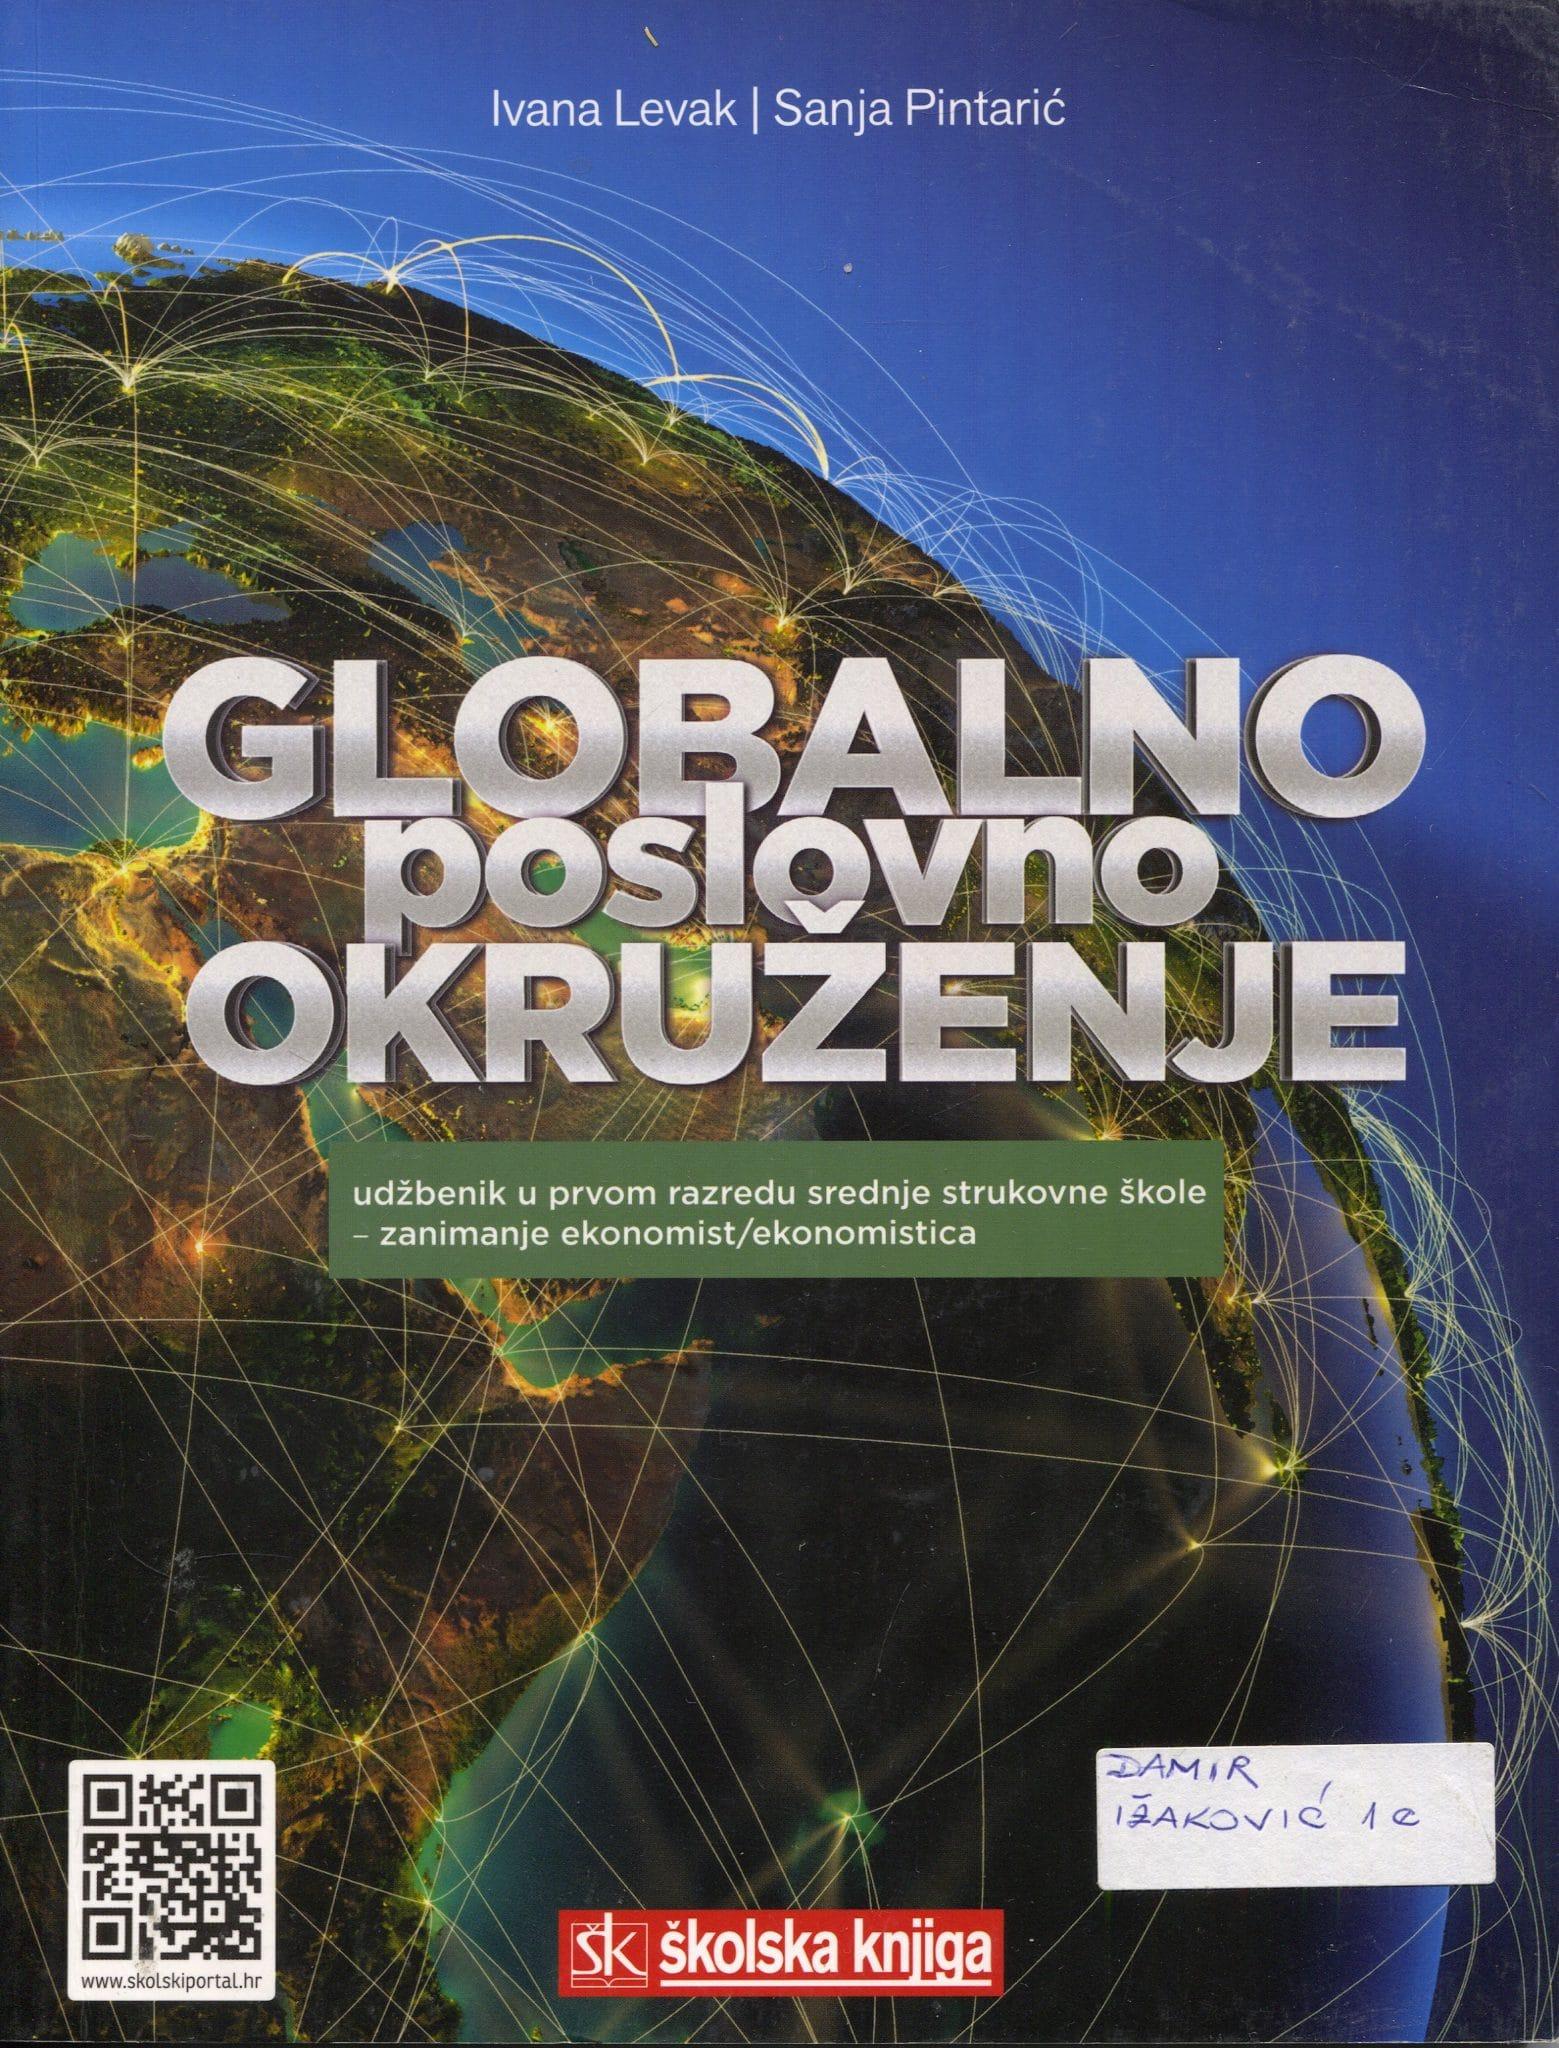 Globalno poslovno okruženje: udžbenik - u prvom razredu srednje strukovne škole - zanimanje ekonomist/ekonomistica - Ivana Levak, Sanja Pintarić